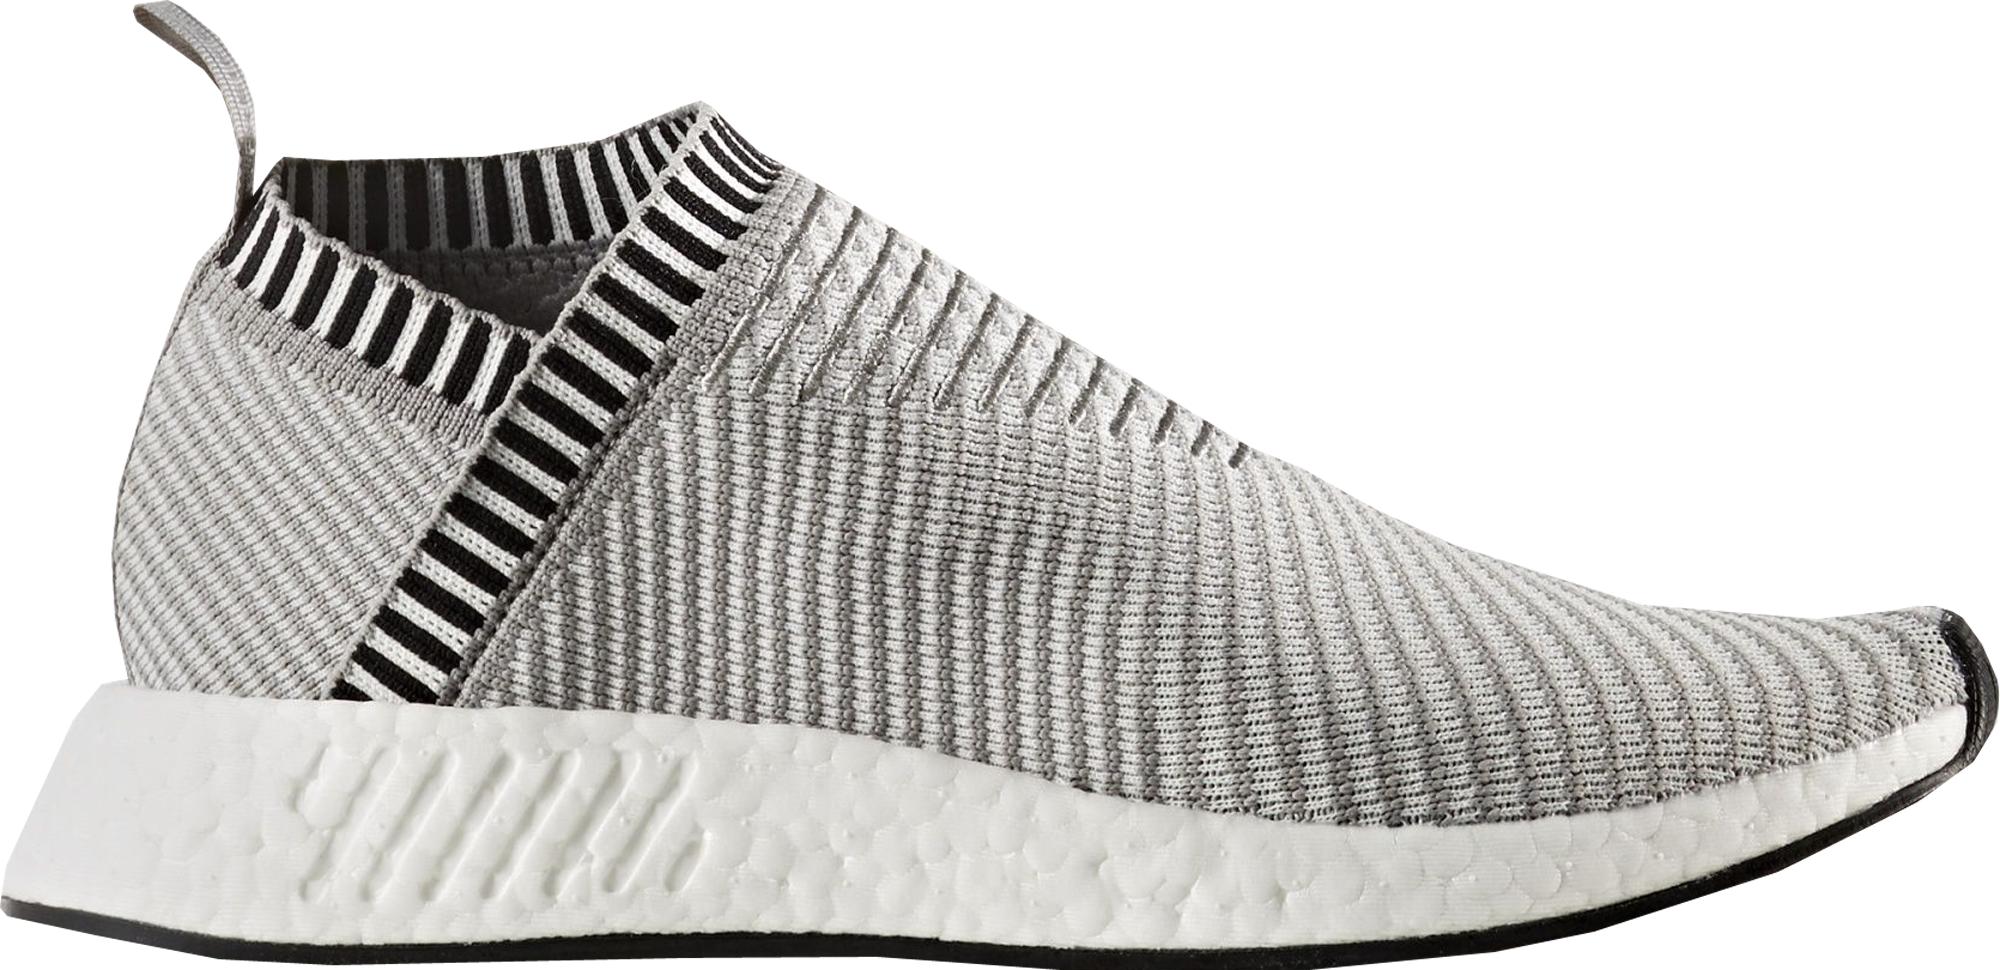 nmd adidas dark grey